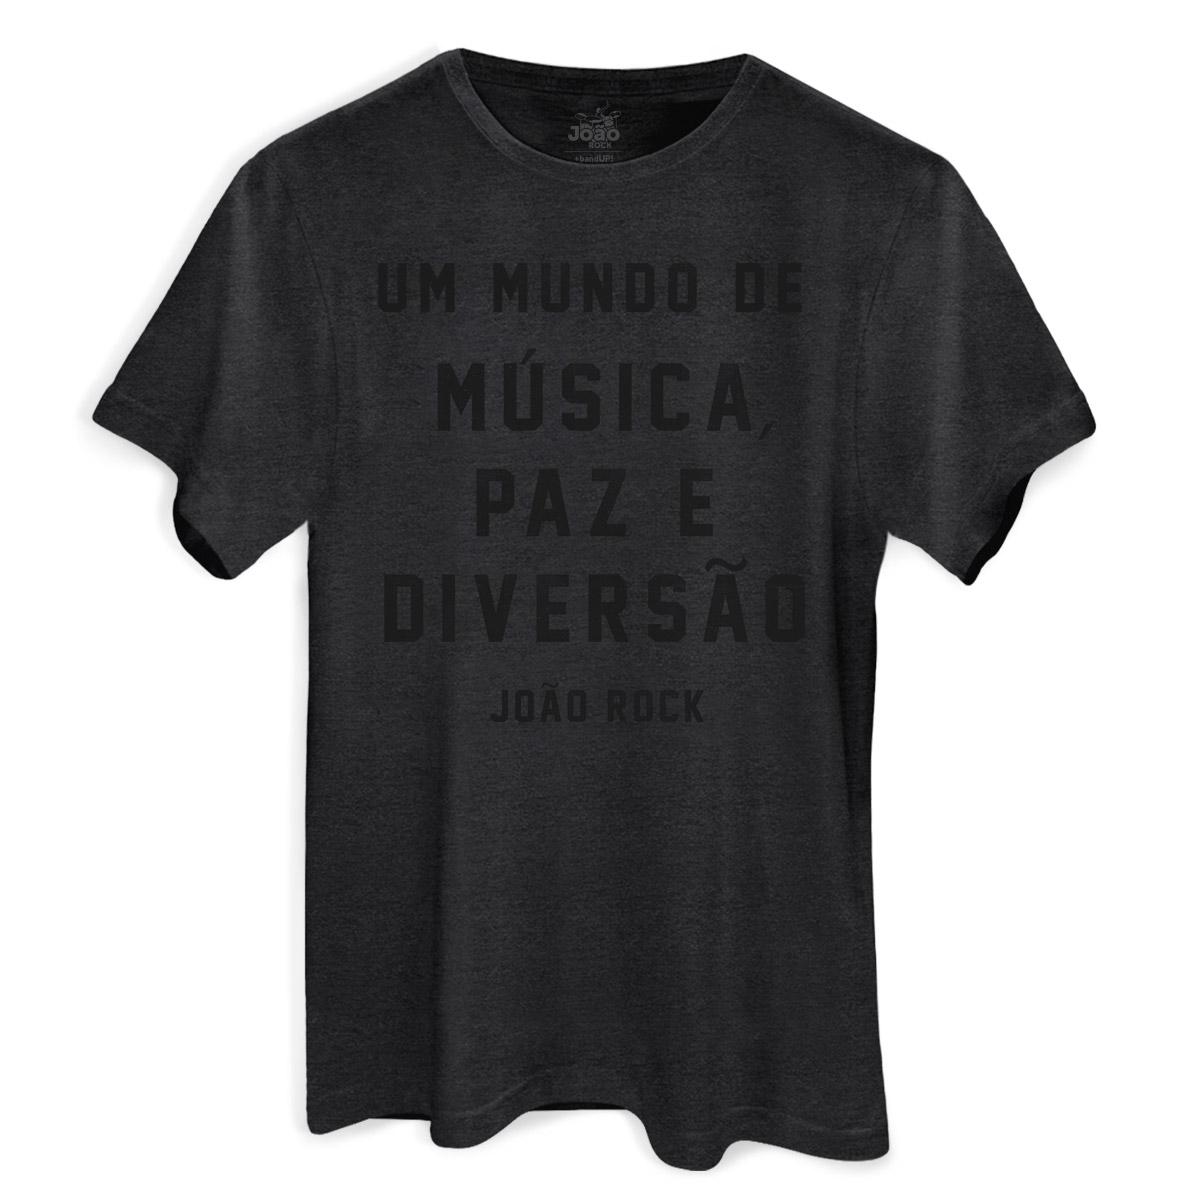 Camiseta Masculina João Rock Música, Paz e Diversão